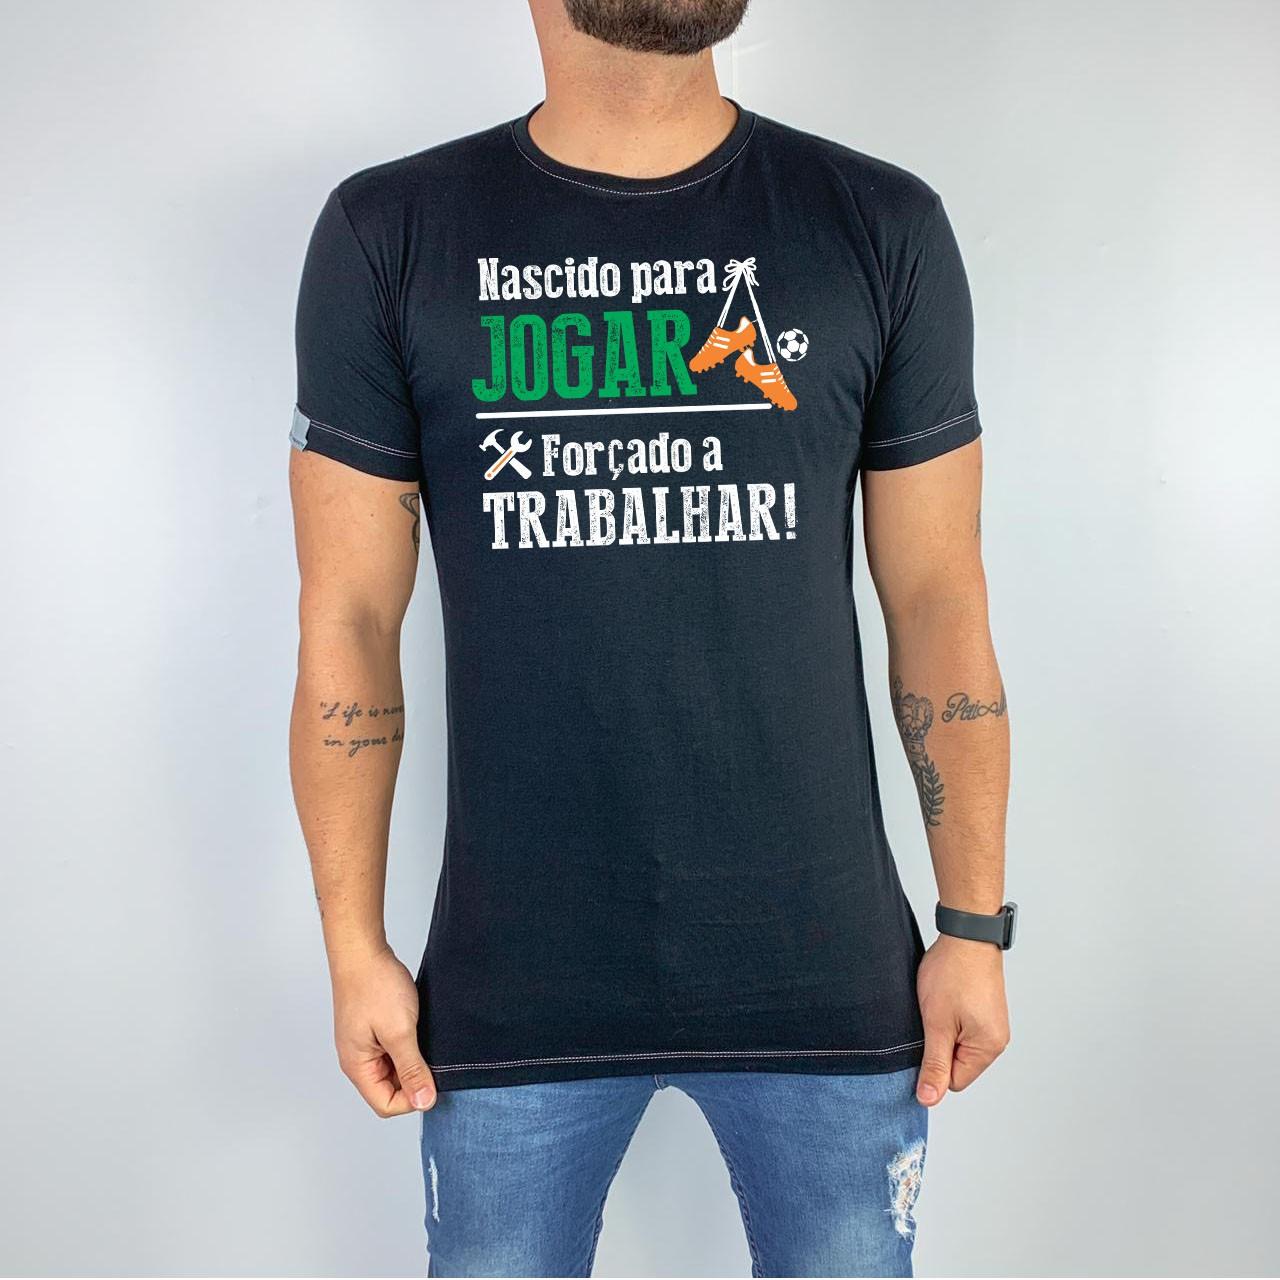 Camiseta Nascido para jogar, forçado a trabalhar!